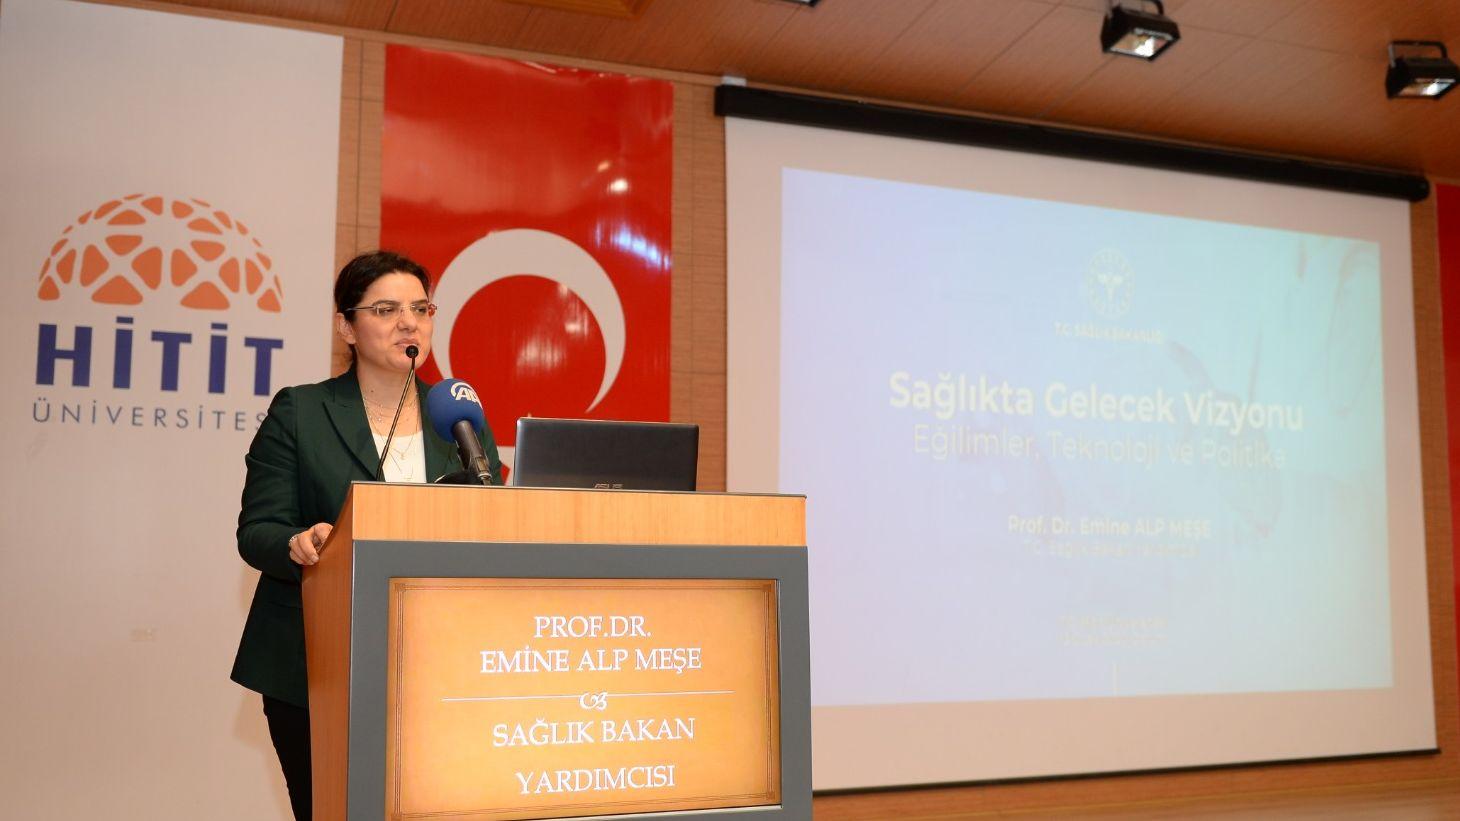 SAĞLIK BAKAN YARDIMCISI PROF. DR. EMİNE ALP MEŞE'NİN ÇORUM ZİYARETİ